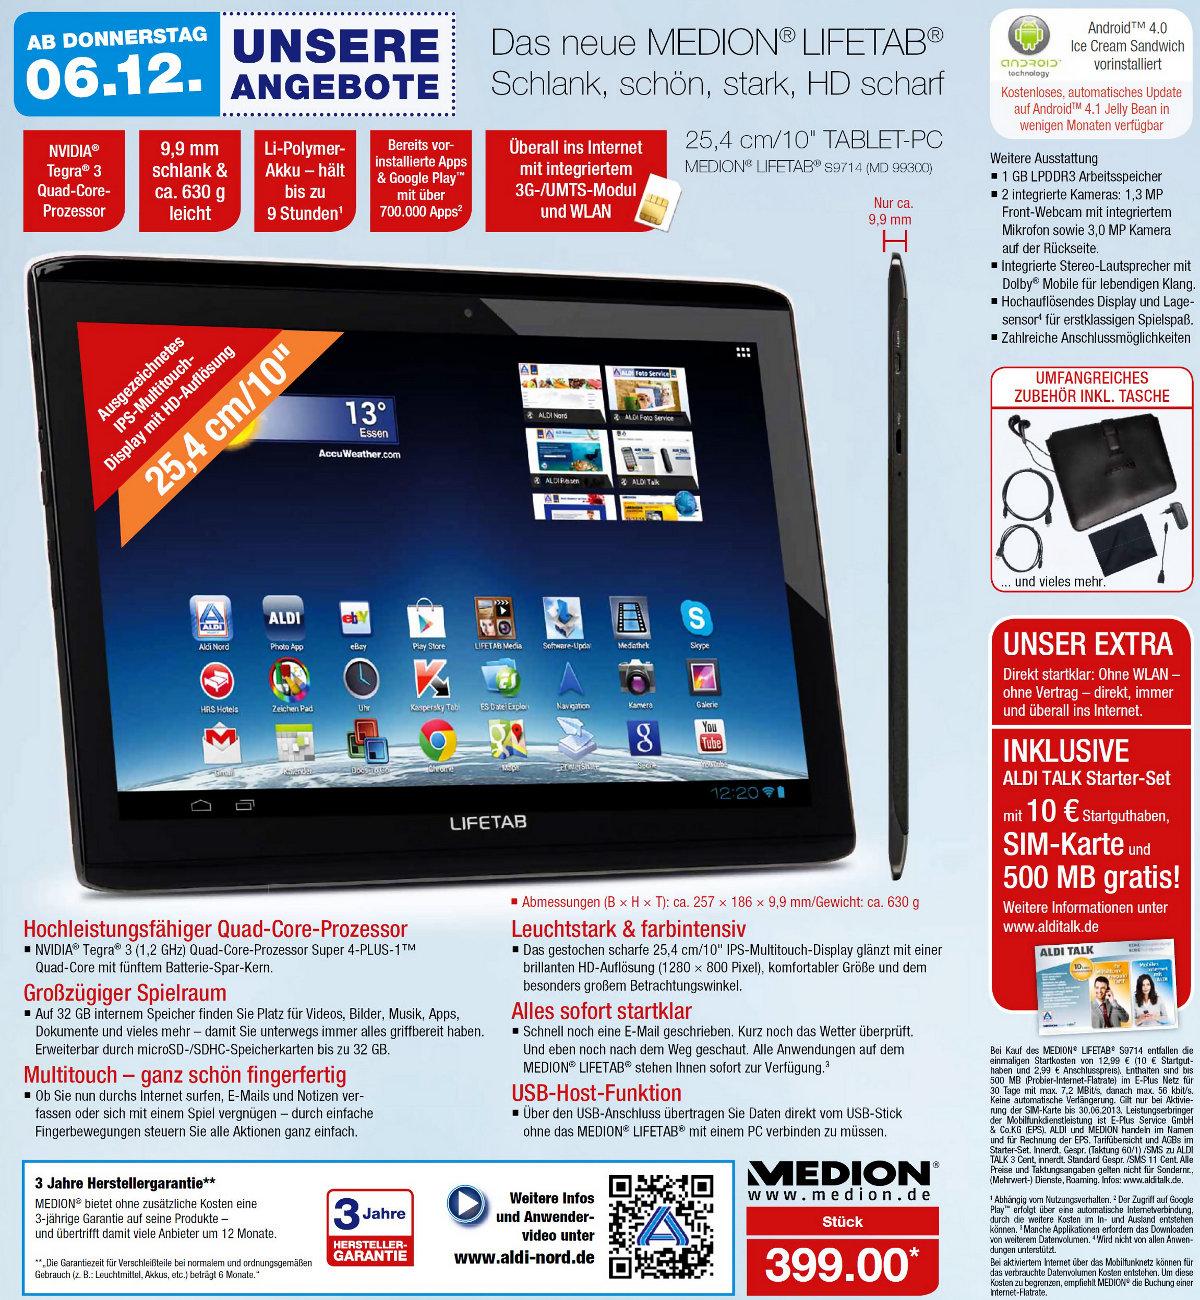 Aldi-Tablet Medion Lifetab S9714 (MD 99300) ab 06. Dezember